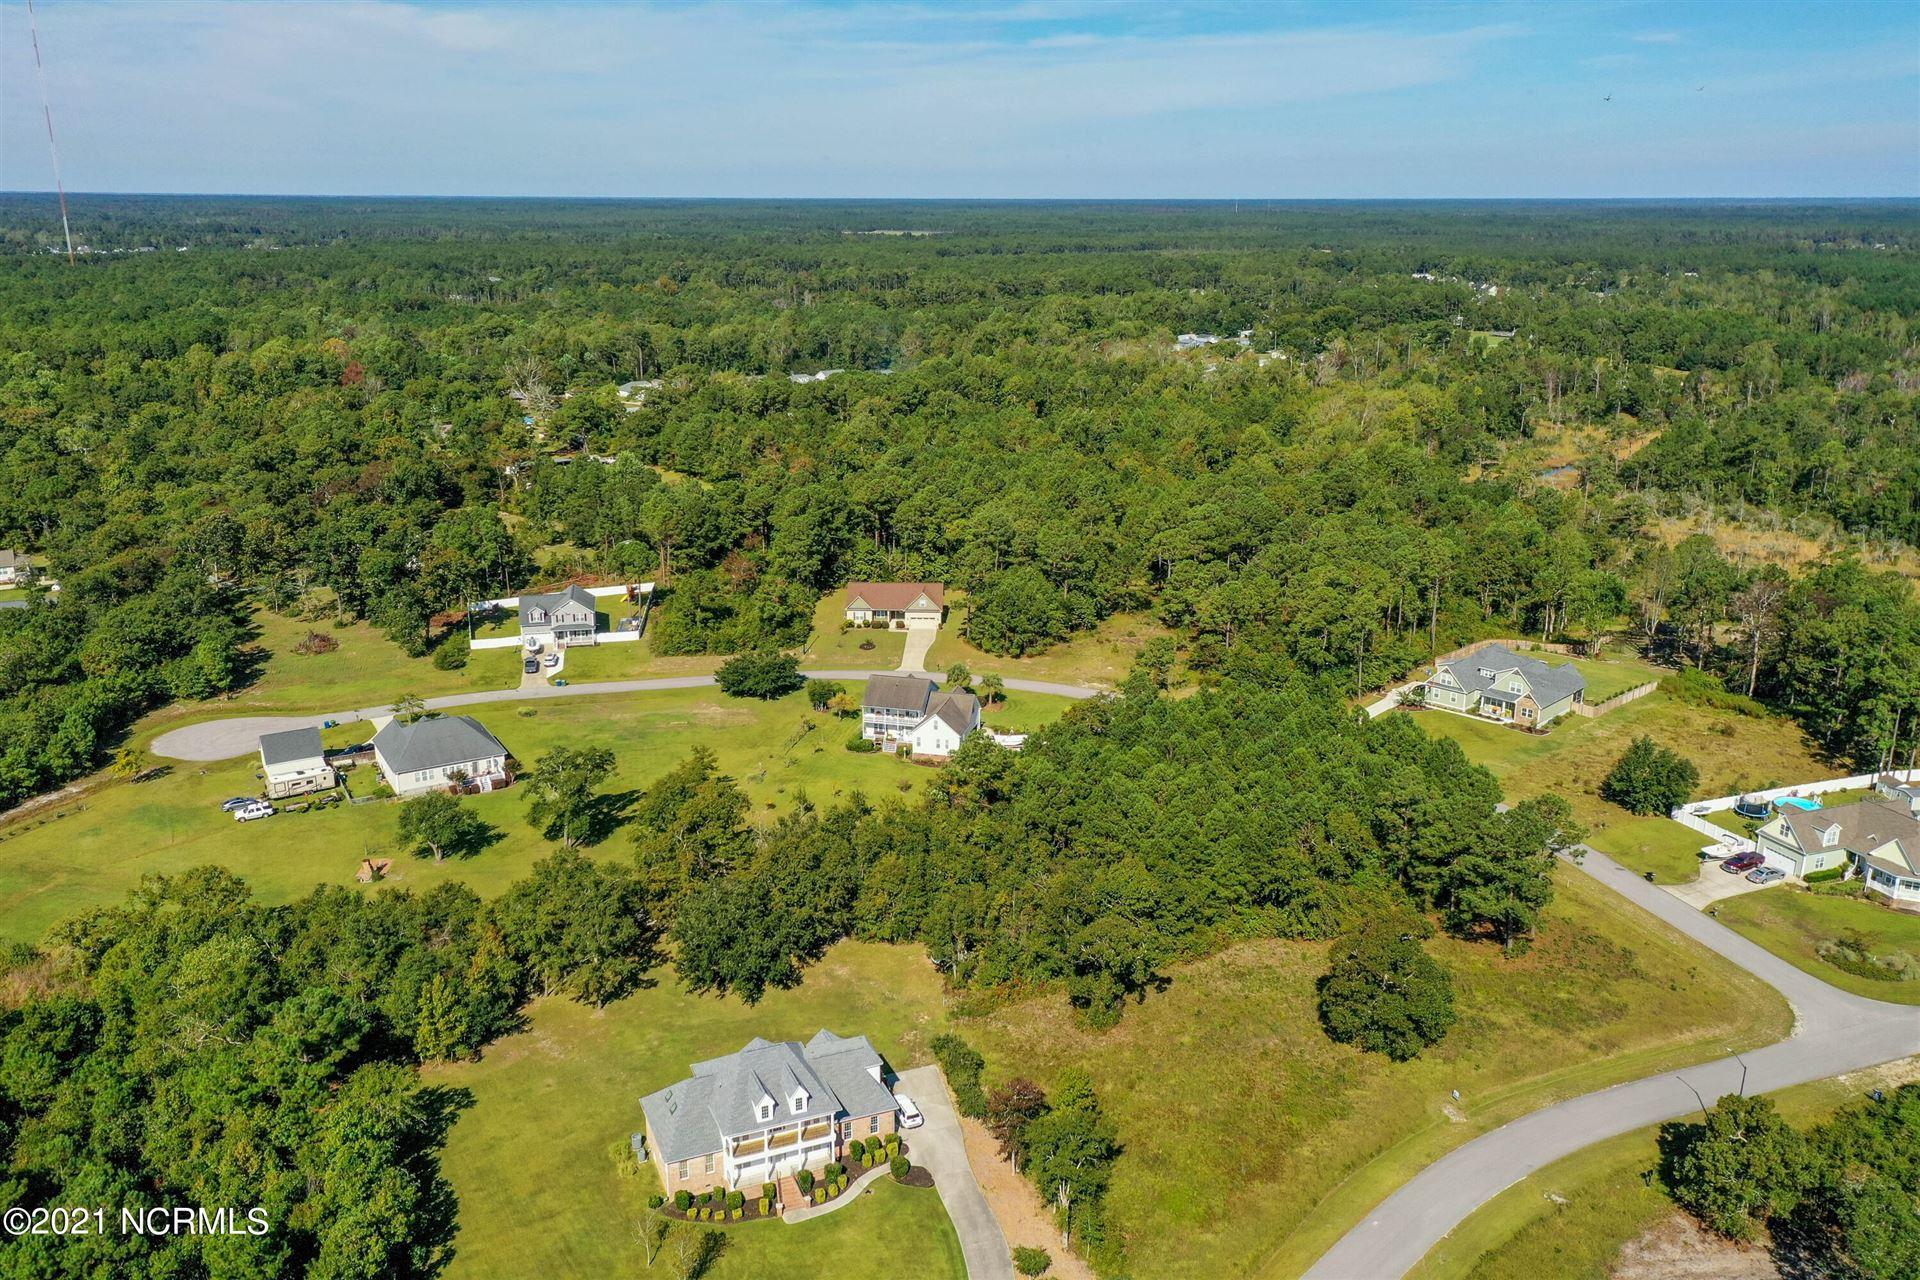 Photo of Lot 36 Royal Palms Way, Holly Ridge, NC 28445 (MLS # 100292795)